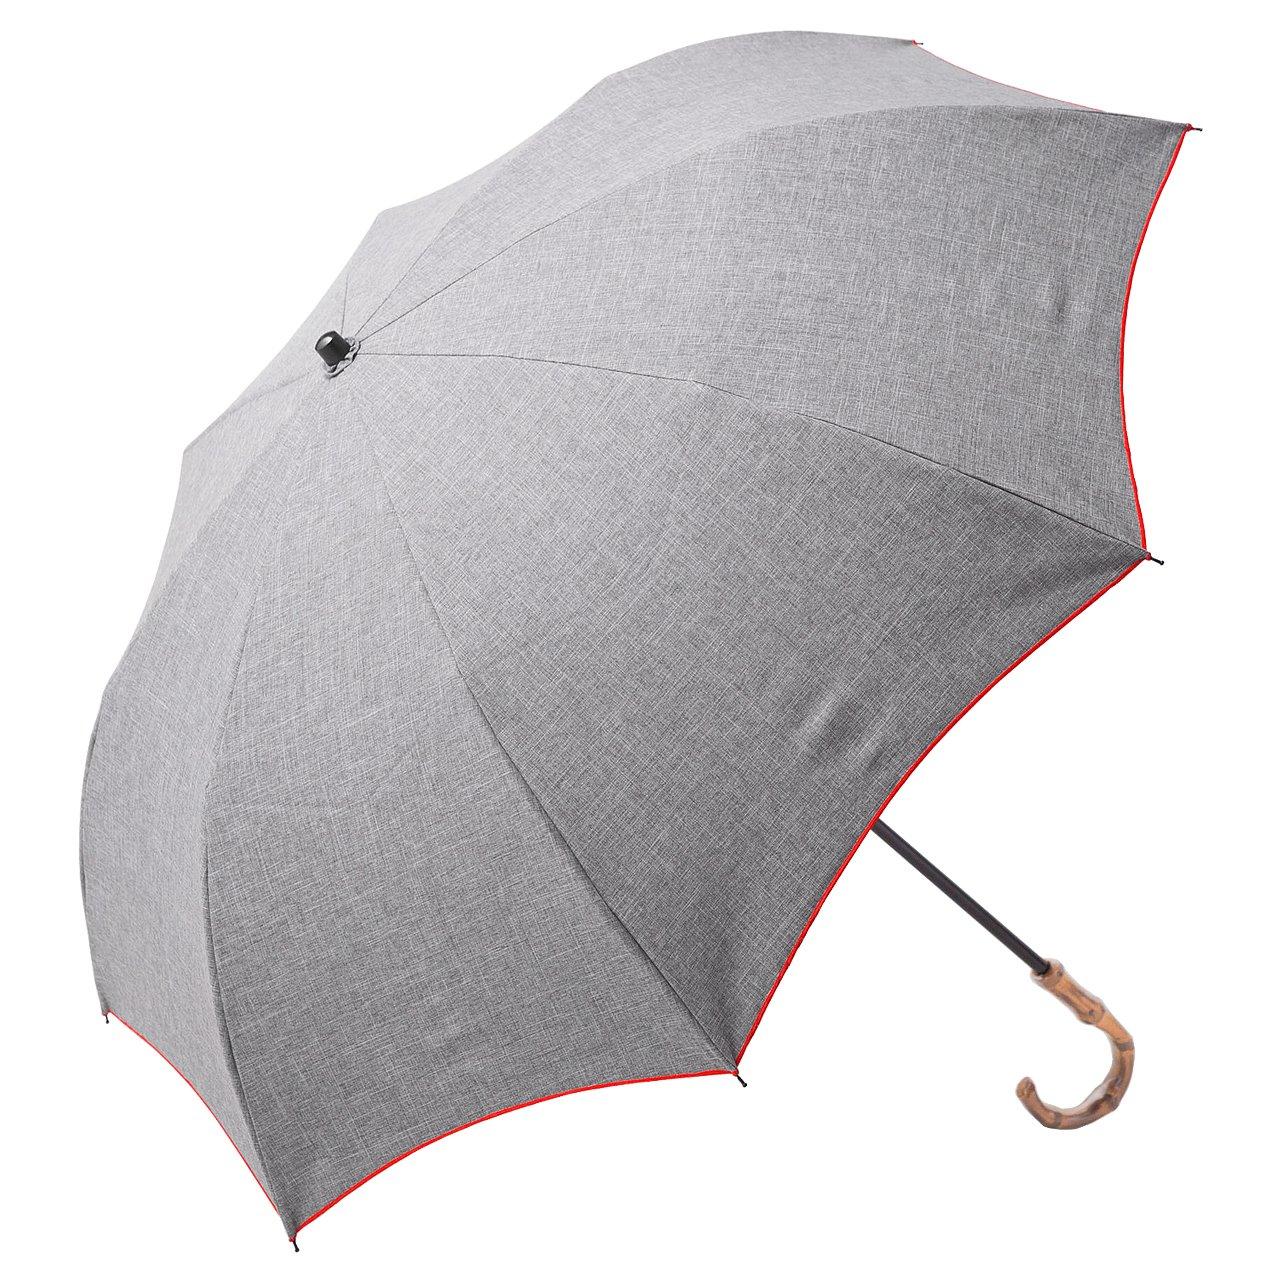 【Rose Blanc】100%完全遮光 日傘 晴雨兼用 プレーン 2段折りたたみ ダンガリー (傘袋付)50cm (ダンガリーグレー×レッドステッチ) B06XT1QPQNダンガリーグレー×レッドステッチ